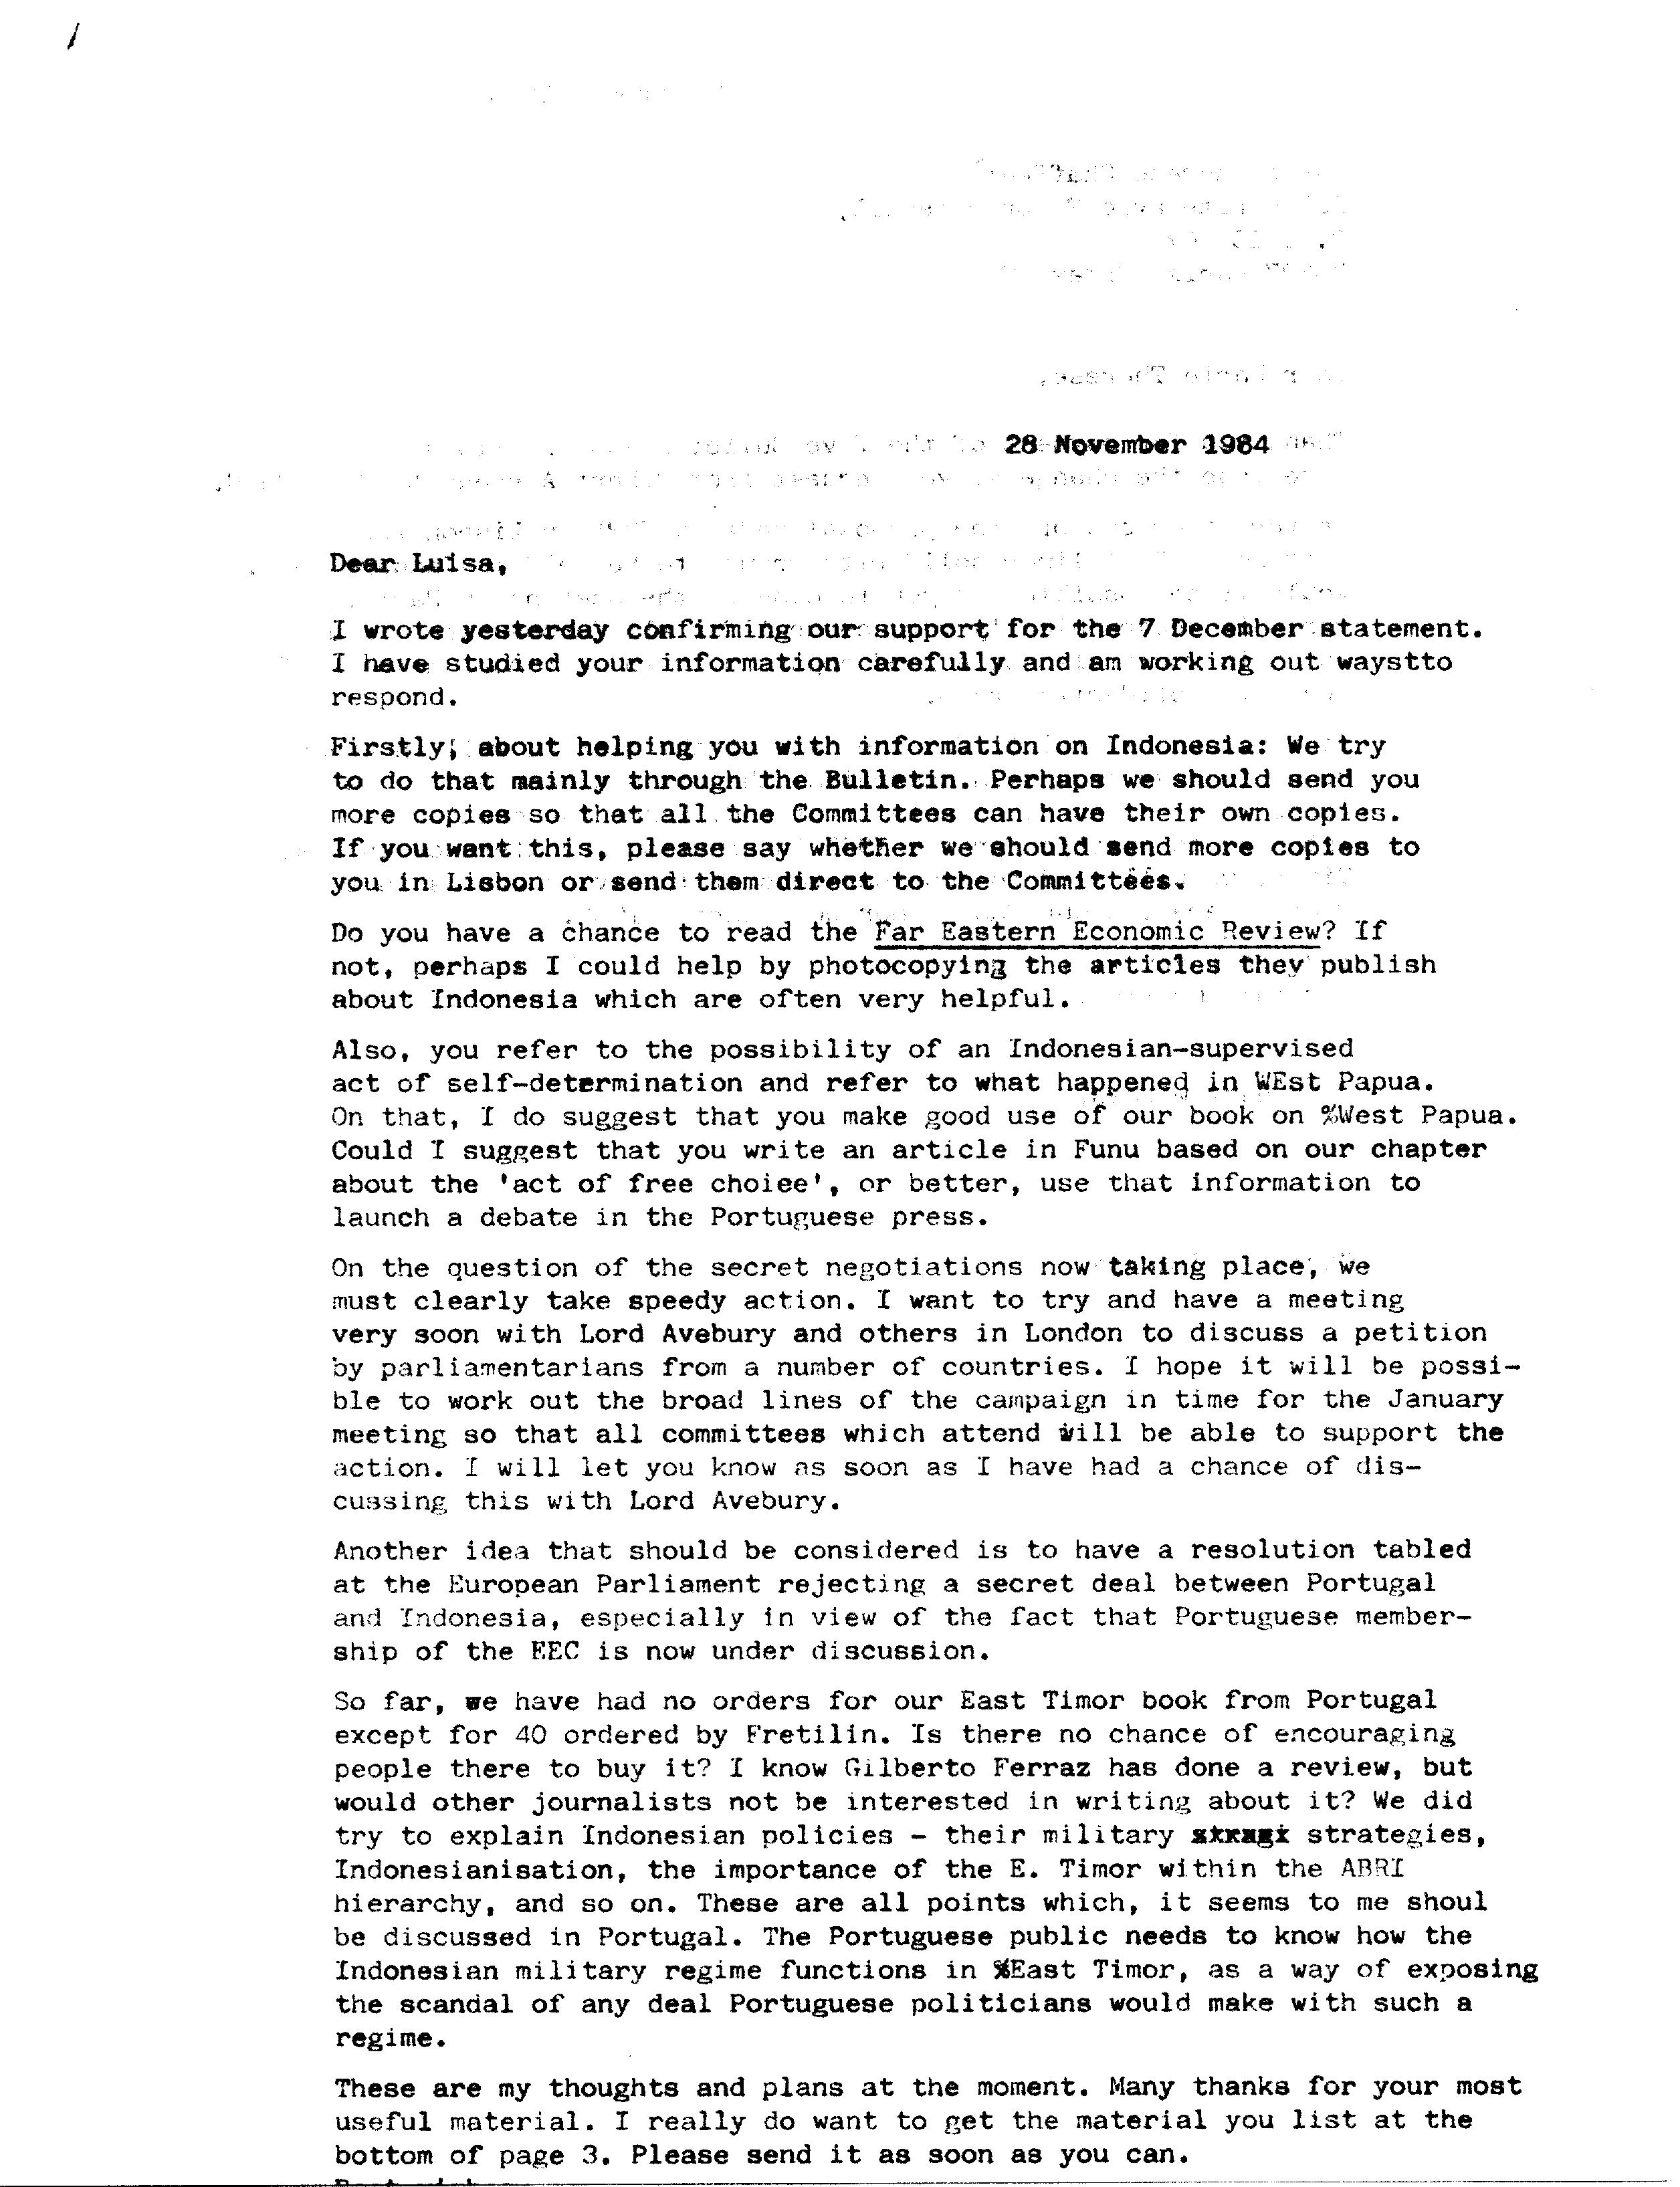 06474.016- pag.1